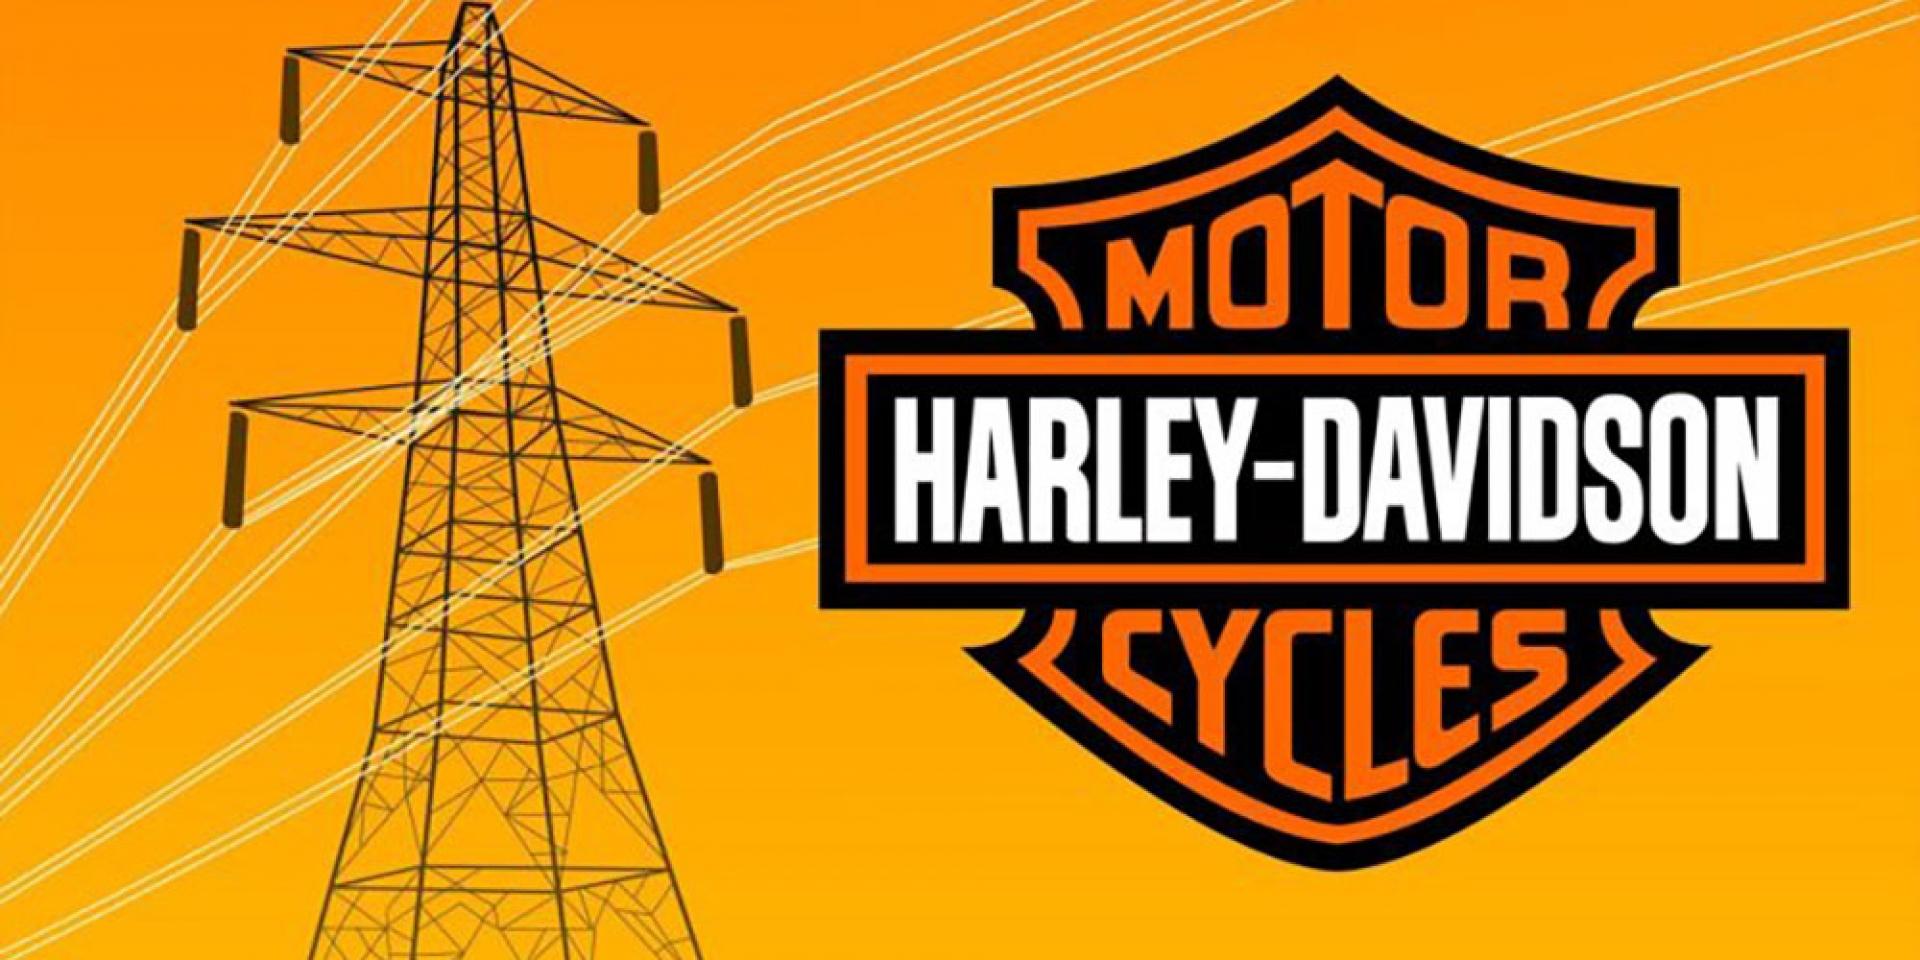 從上到下的構造改革!Harley-Davidson能否挽救逐年下降的銷售狀況?